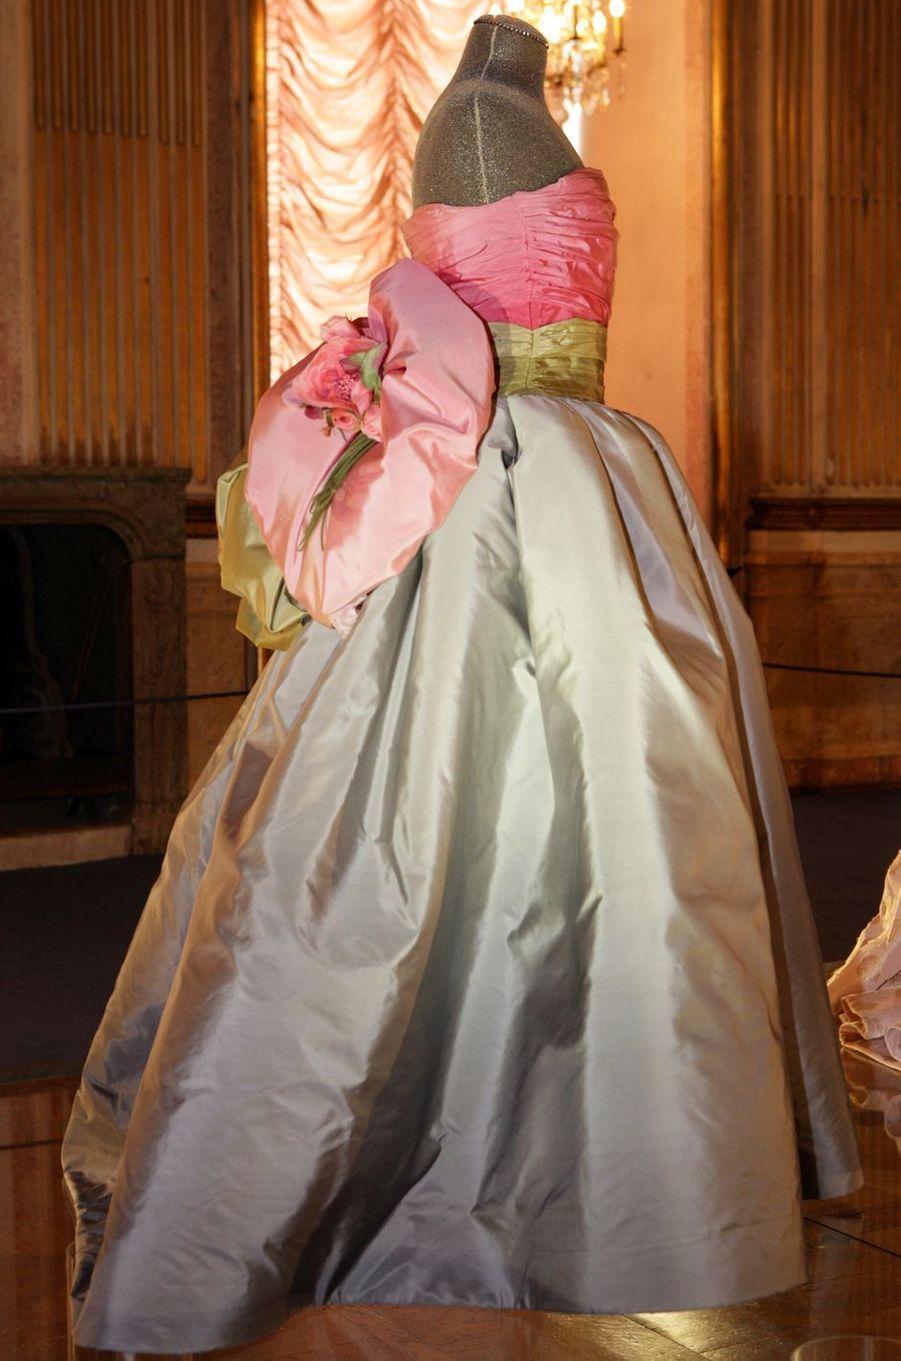 La robe portée par la reine Silvia, en 1995, et la princesse Victoria de Suède, en 2018, à la cérémonie des prix Nobel à Stockholm